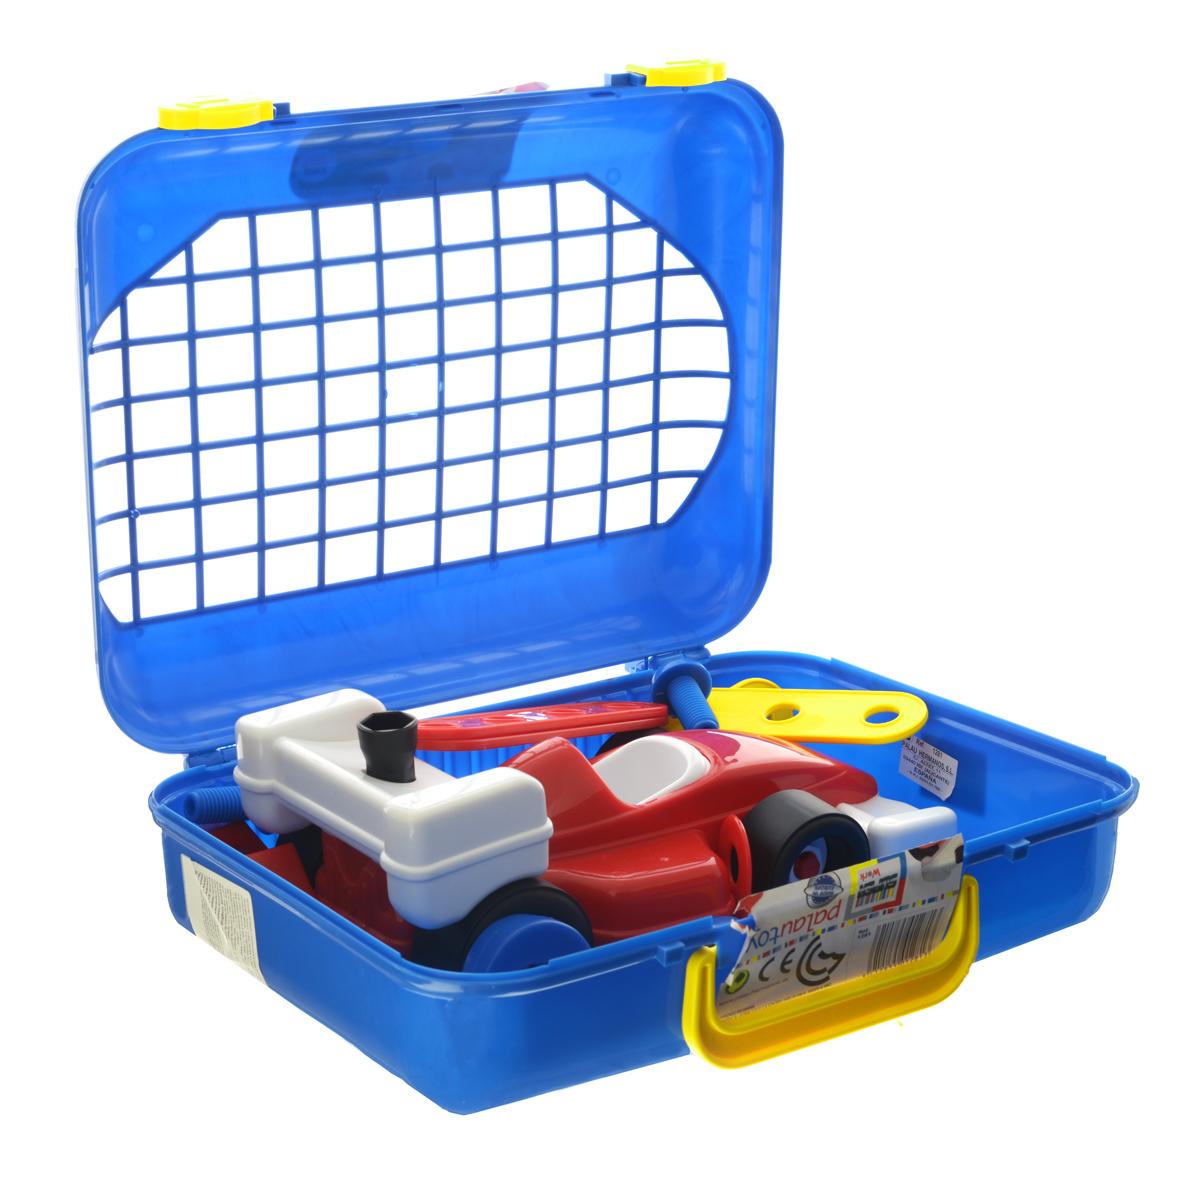 Купить Palau Toys Игровой набор Super Work , 27 предметов. 07/1281, Palau Hermanos, S.L.